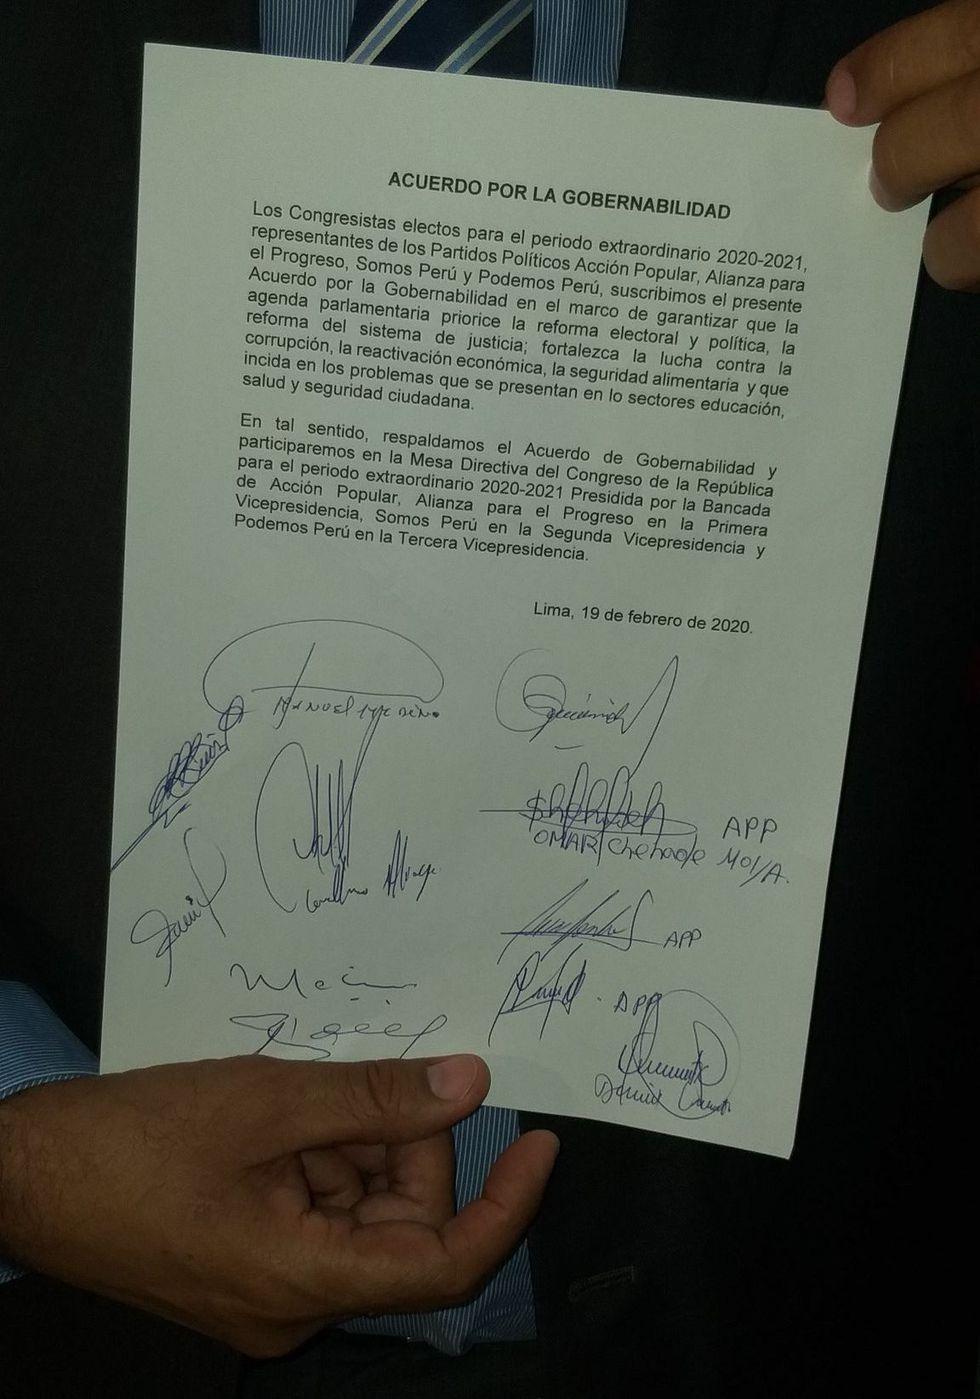 (Foto: René Zubieta Pacco / El Comercio)